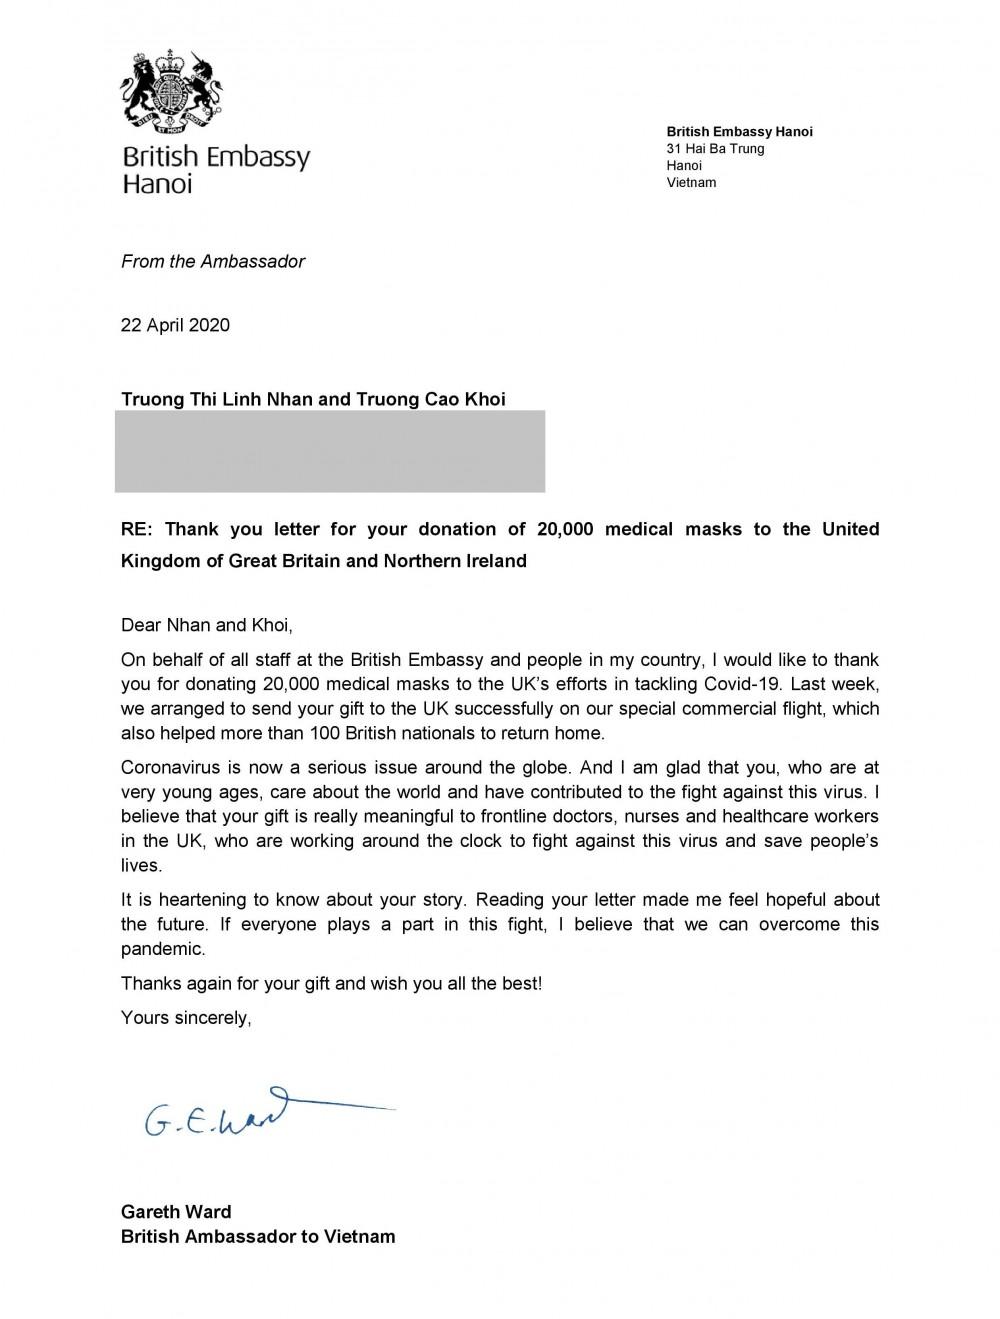 英國駐越南大使寫信答謝小朋友的心意。